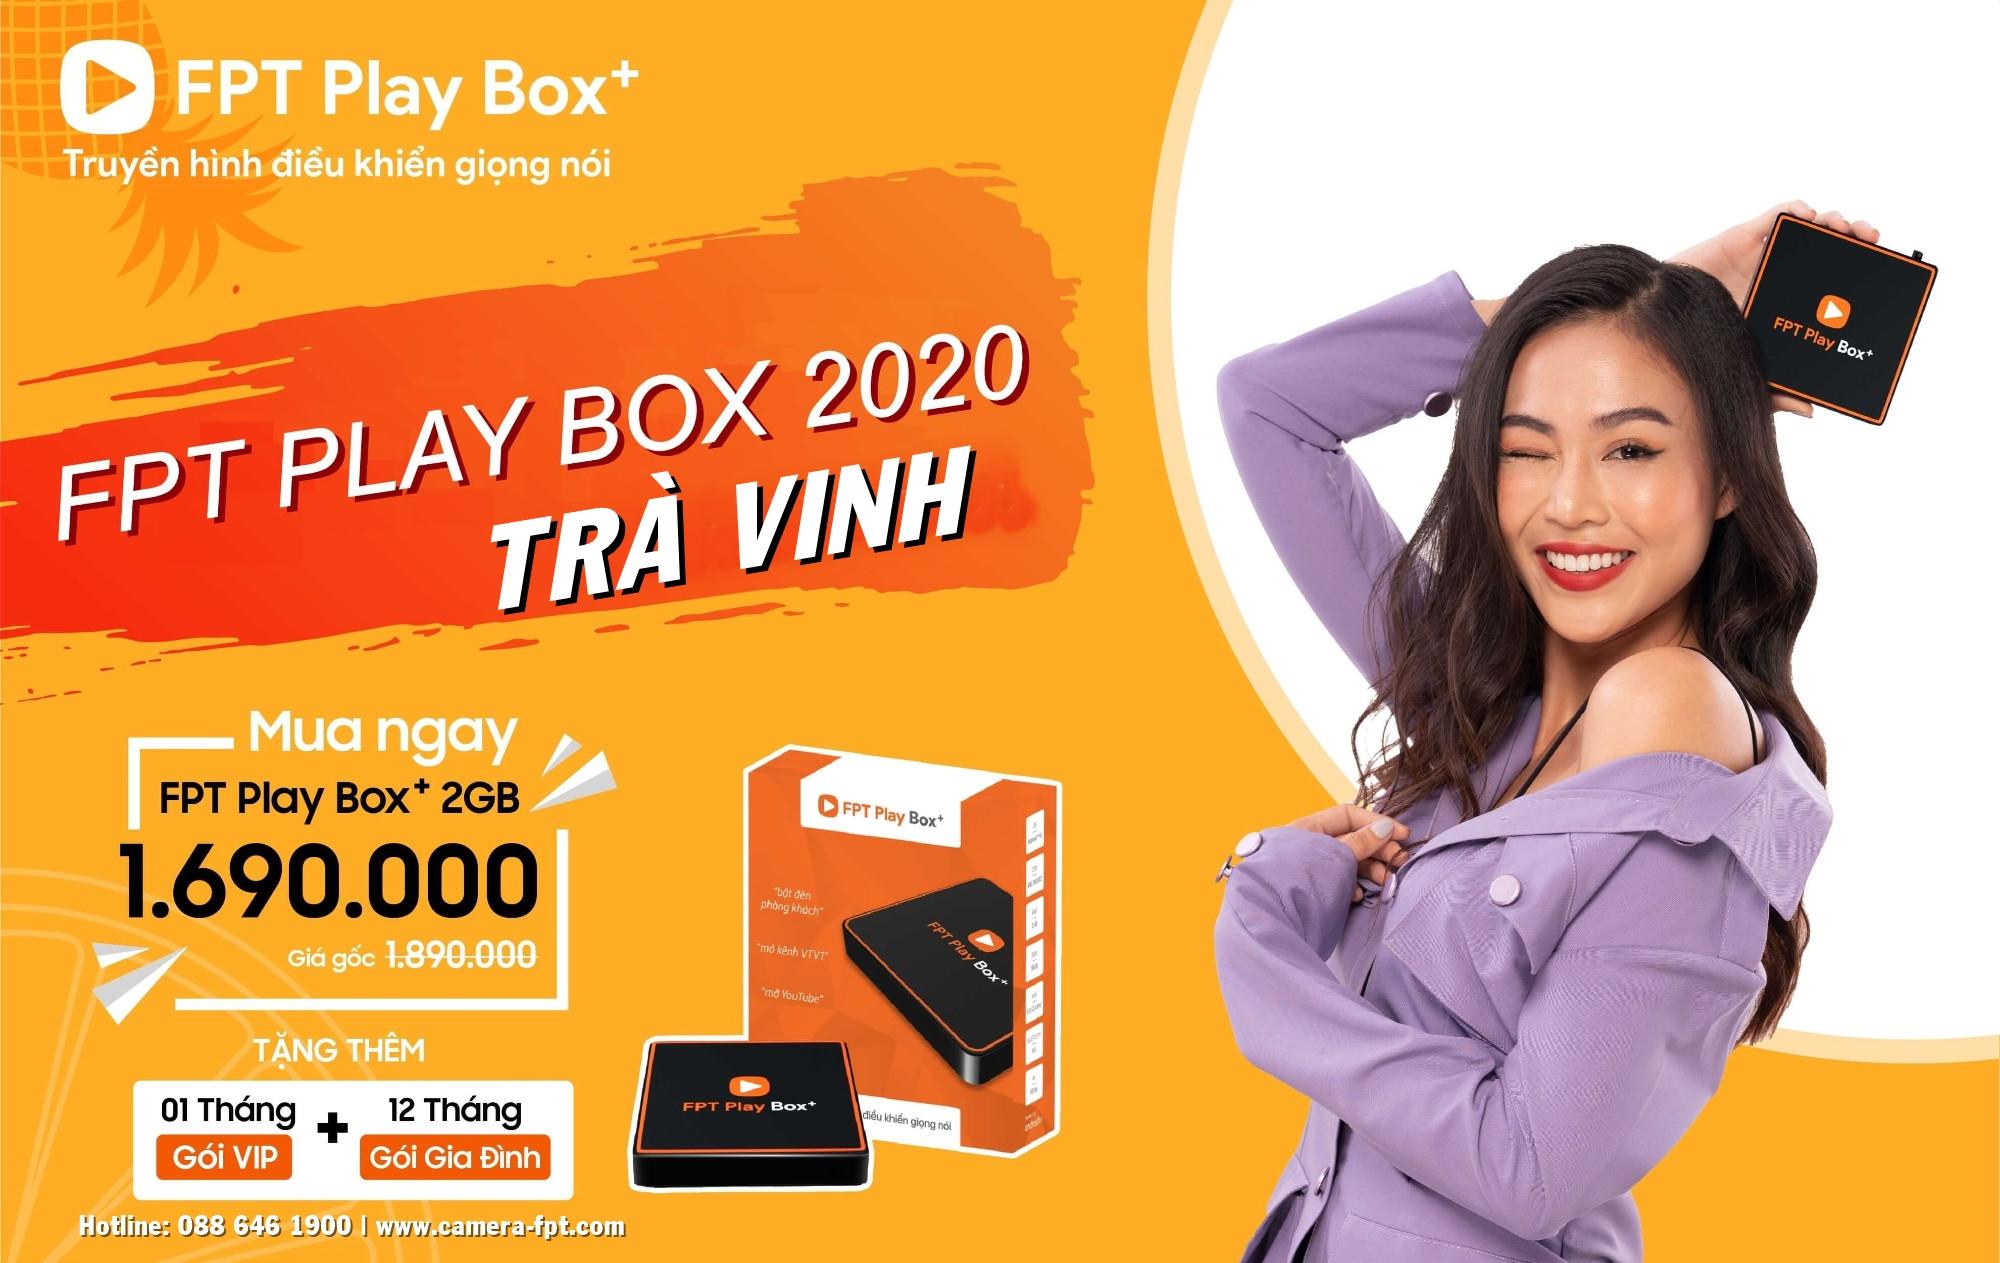 Đặt Mua FPT Play BOX tại Trà Vinh ✓ Tặng 12 tháng xem truyền hình cáp